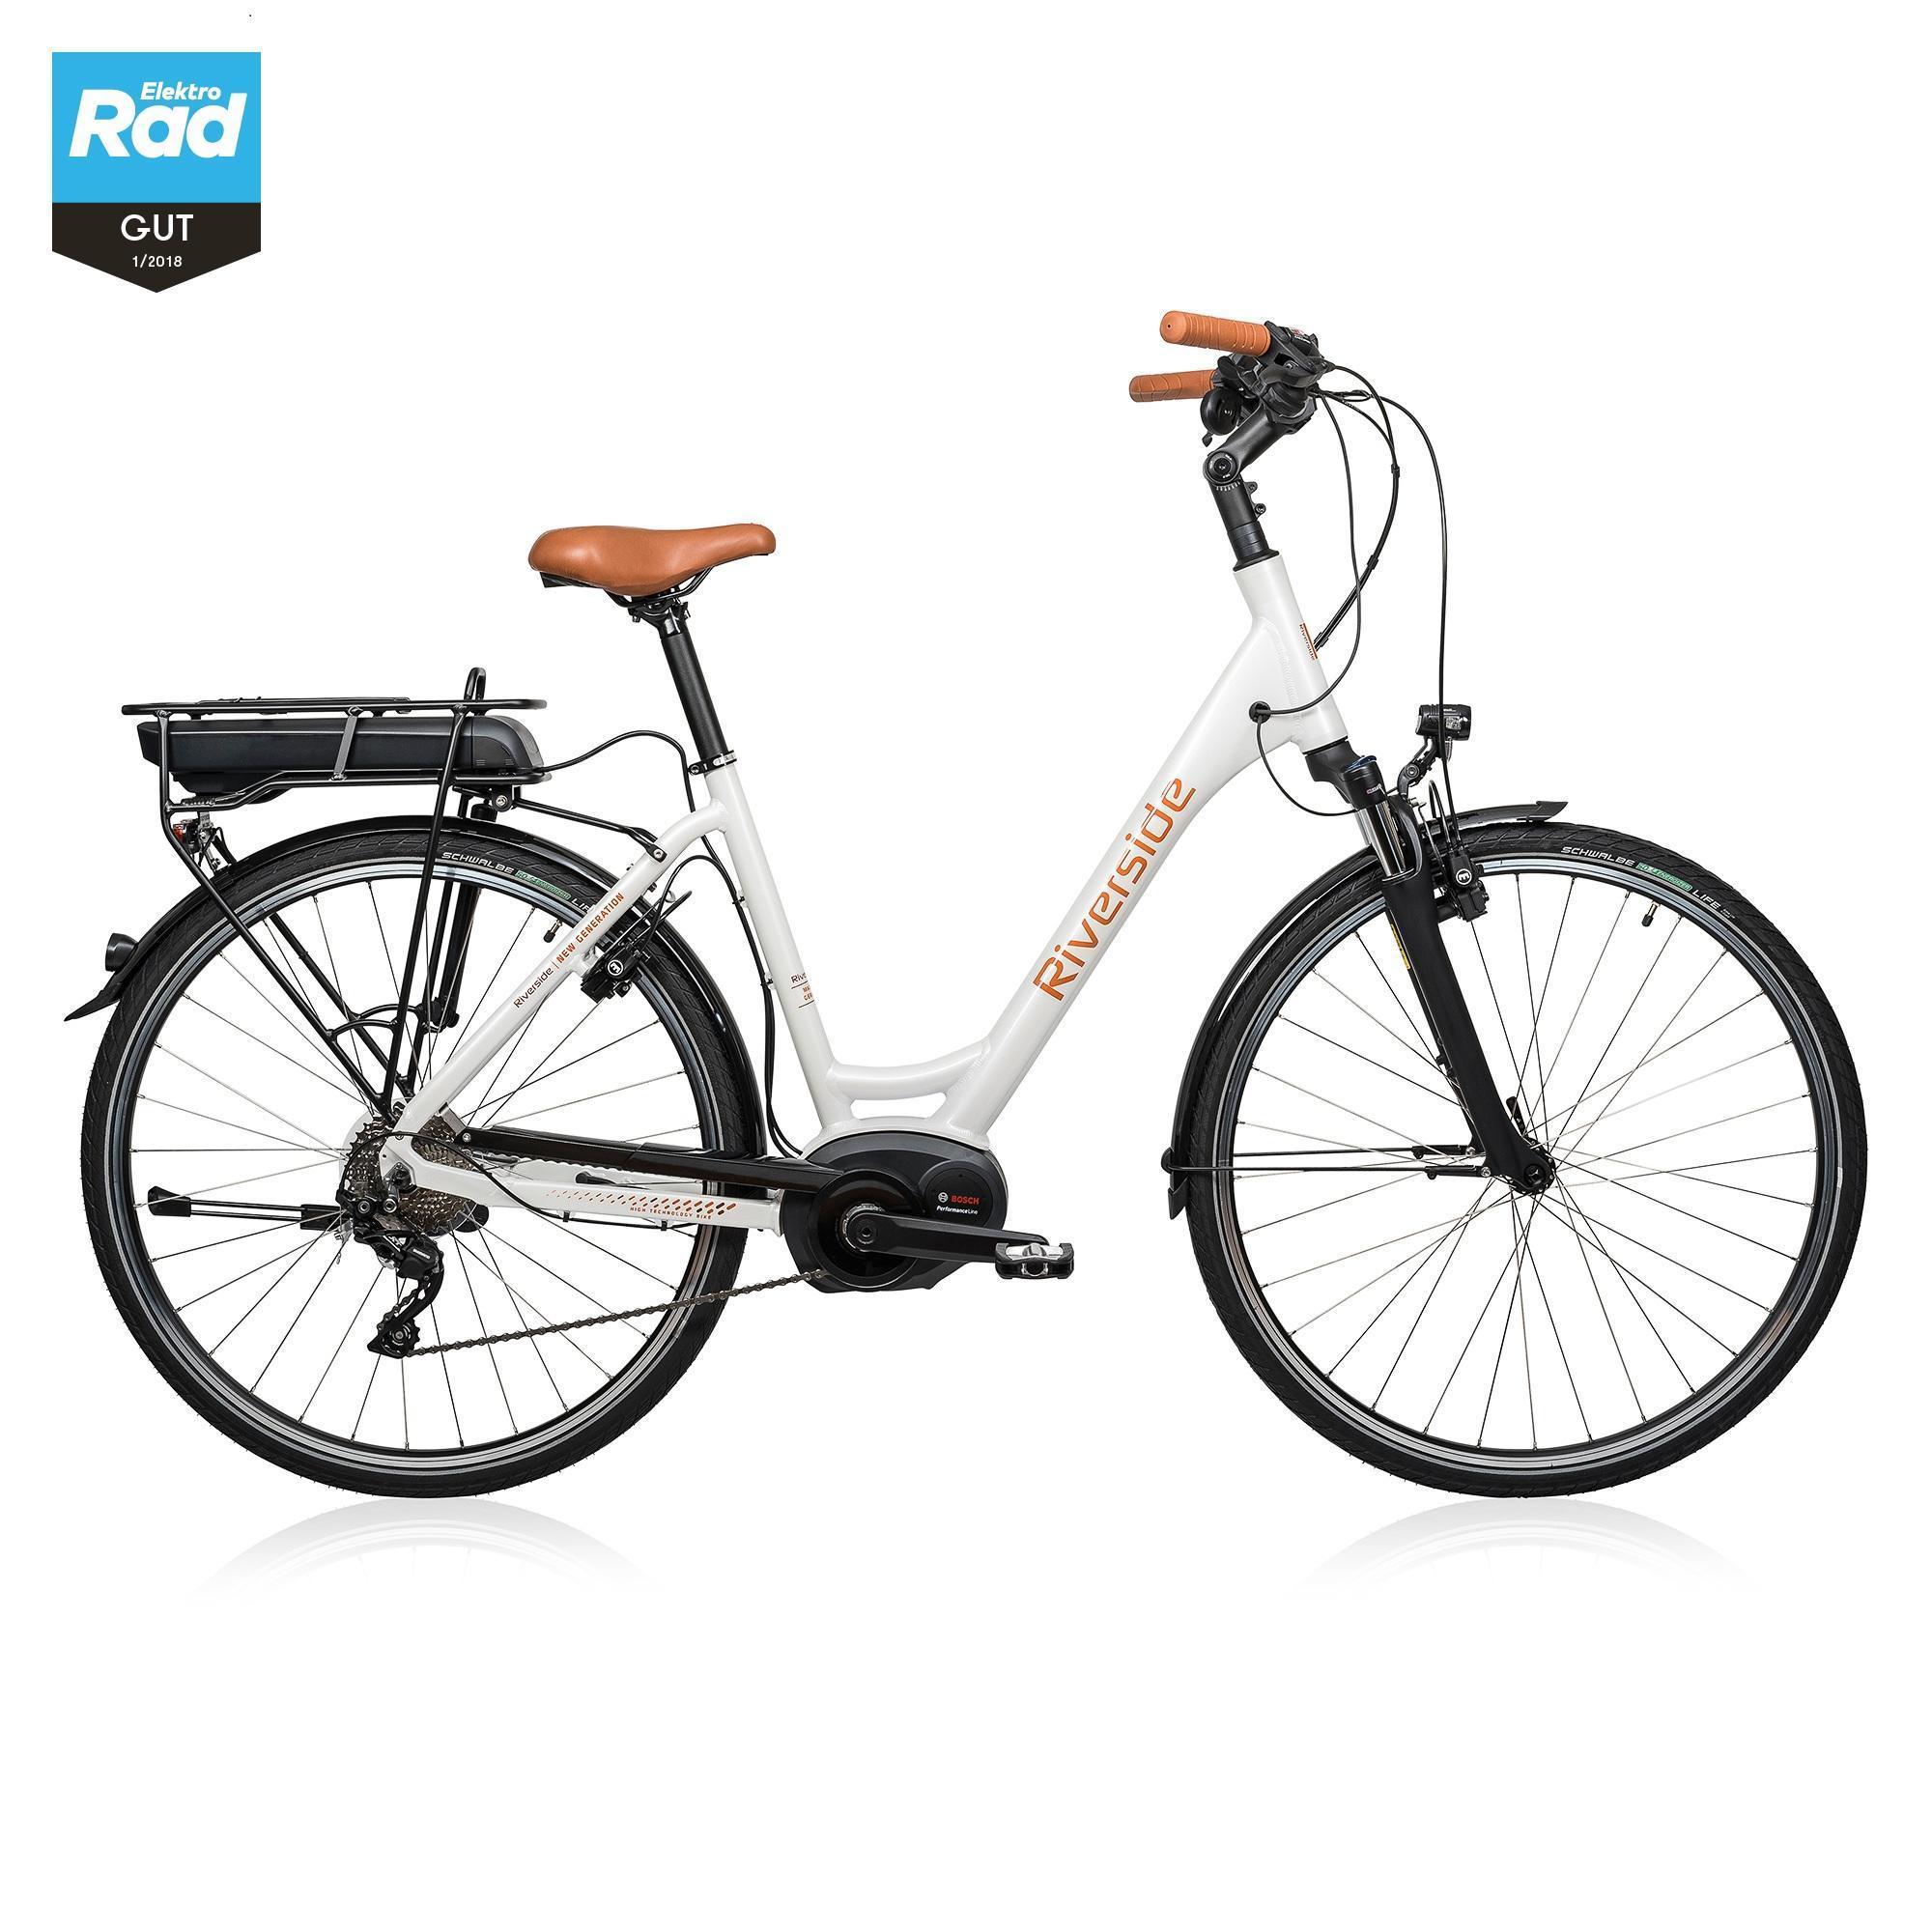 fahrrad auf rechnung kaufen trotz schufa free xbox auf. Black Bedroom Furniture Sets. Home Design Ideas